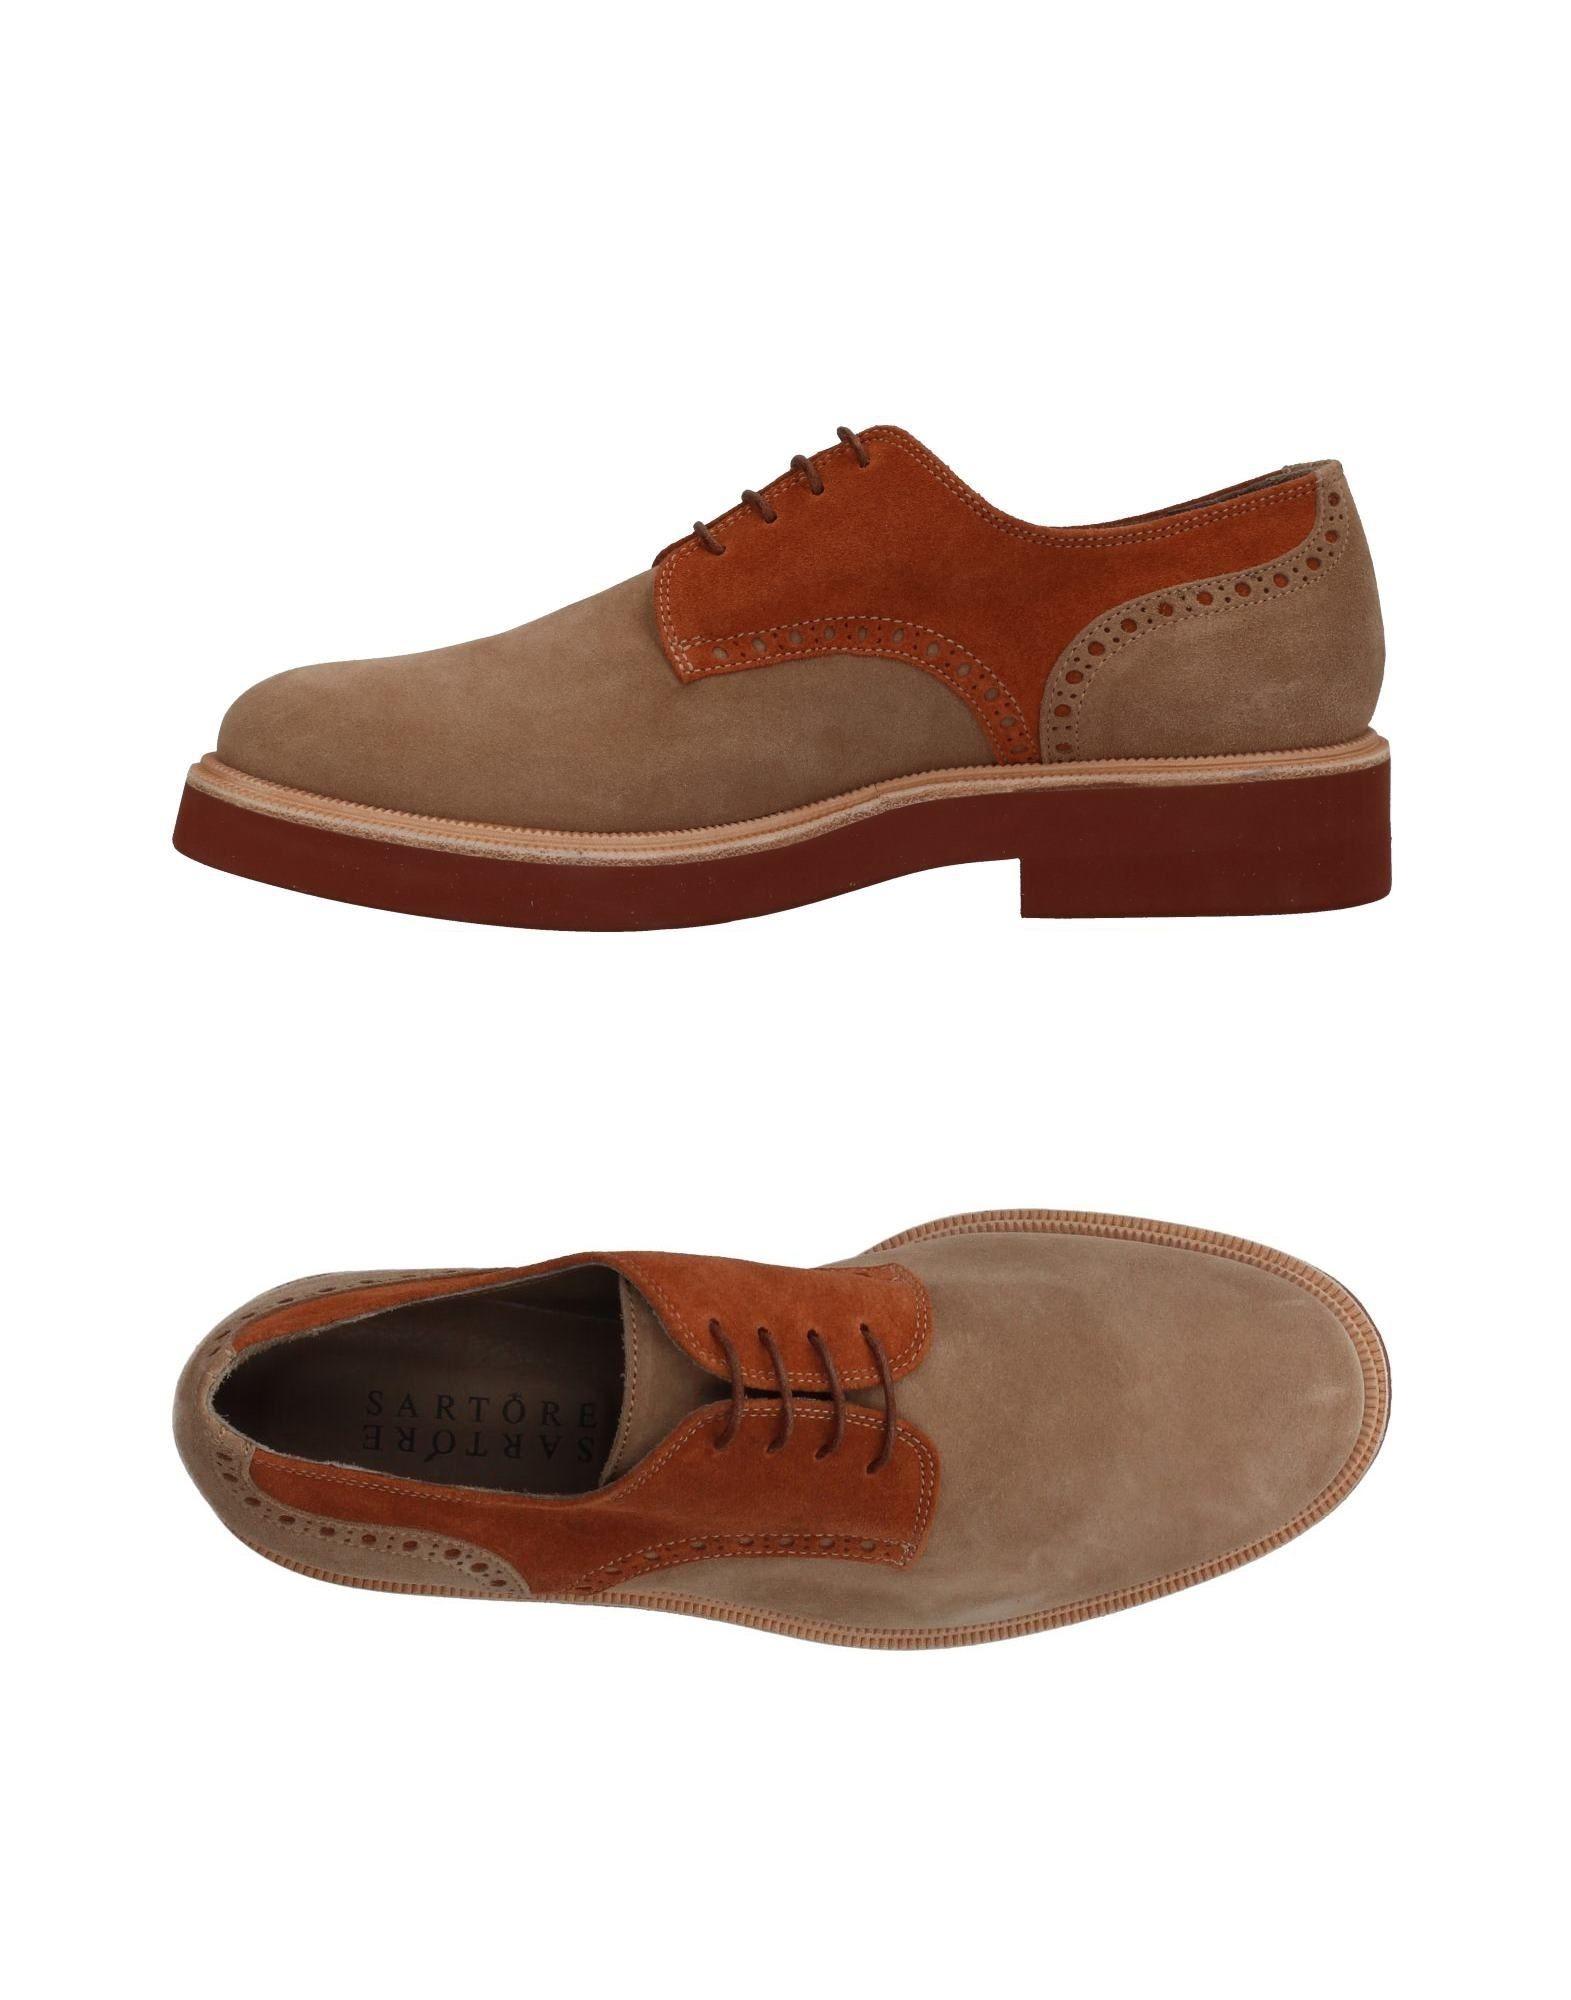 SARTORE Обувь на шнурках цены онлайн